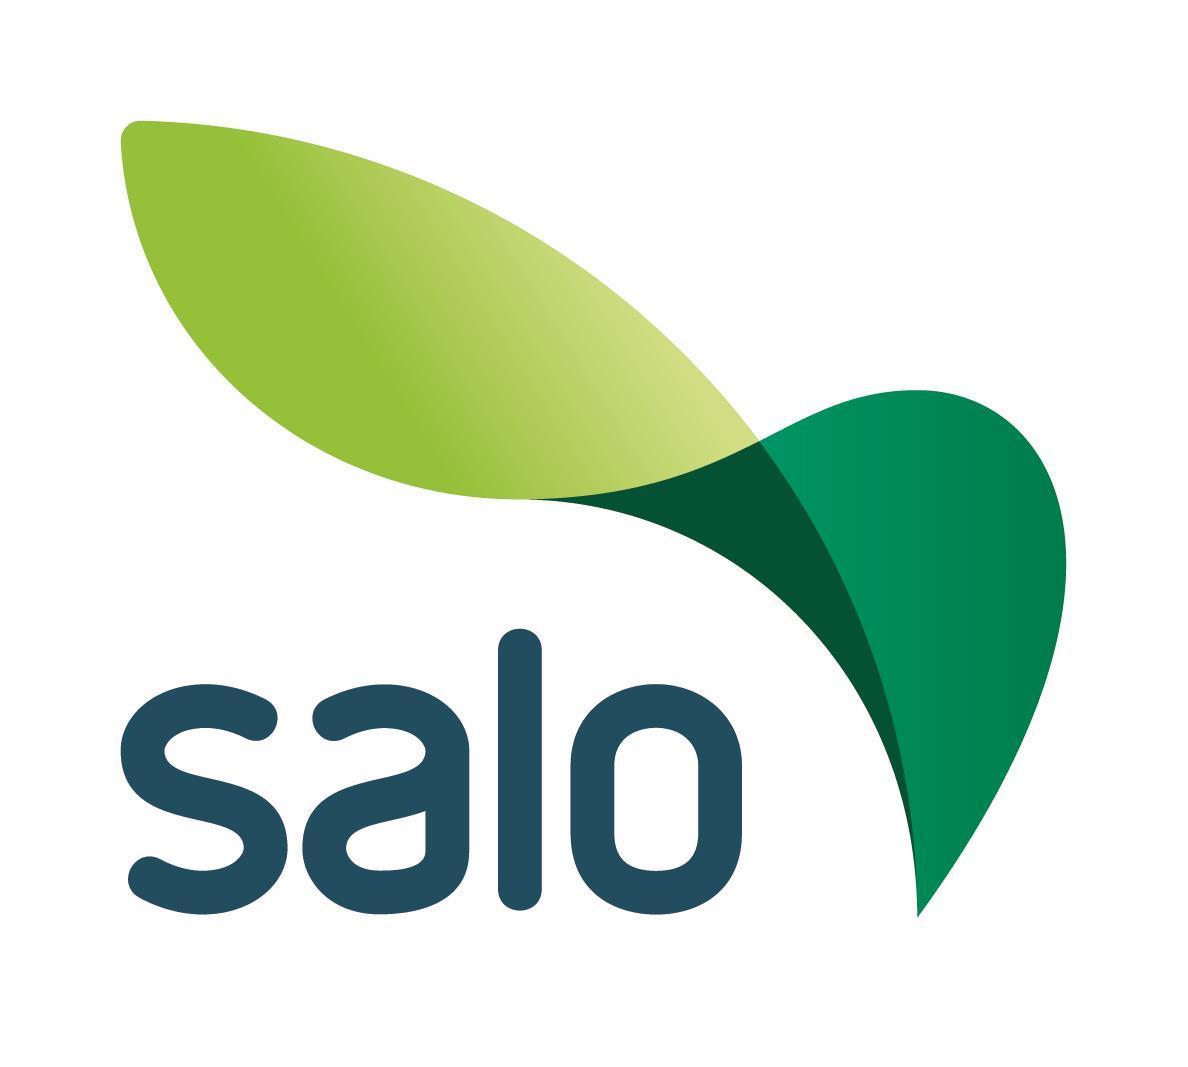 Salon kaupungin logo